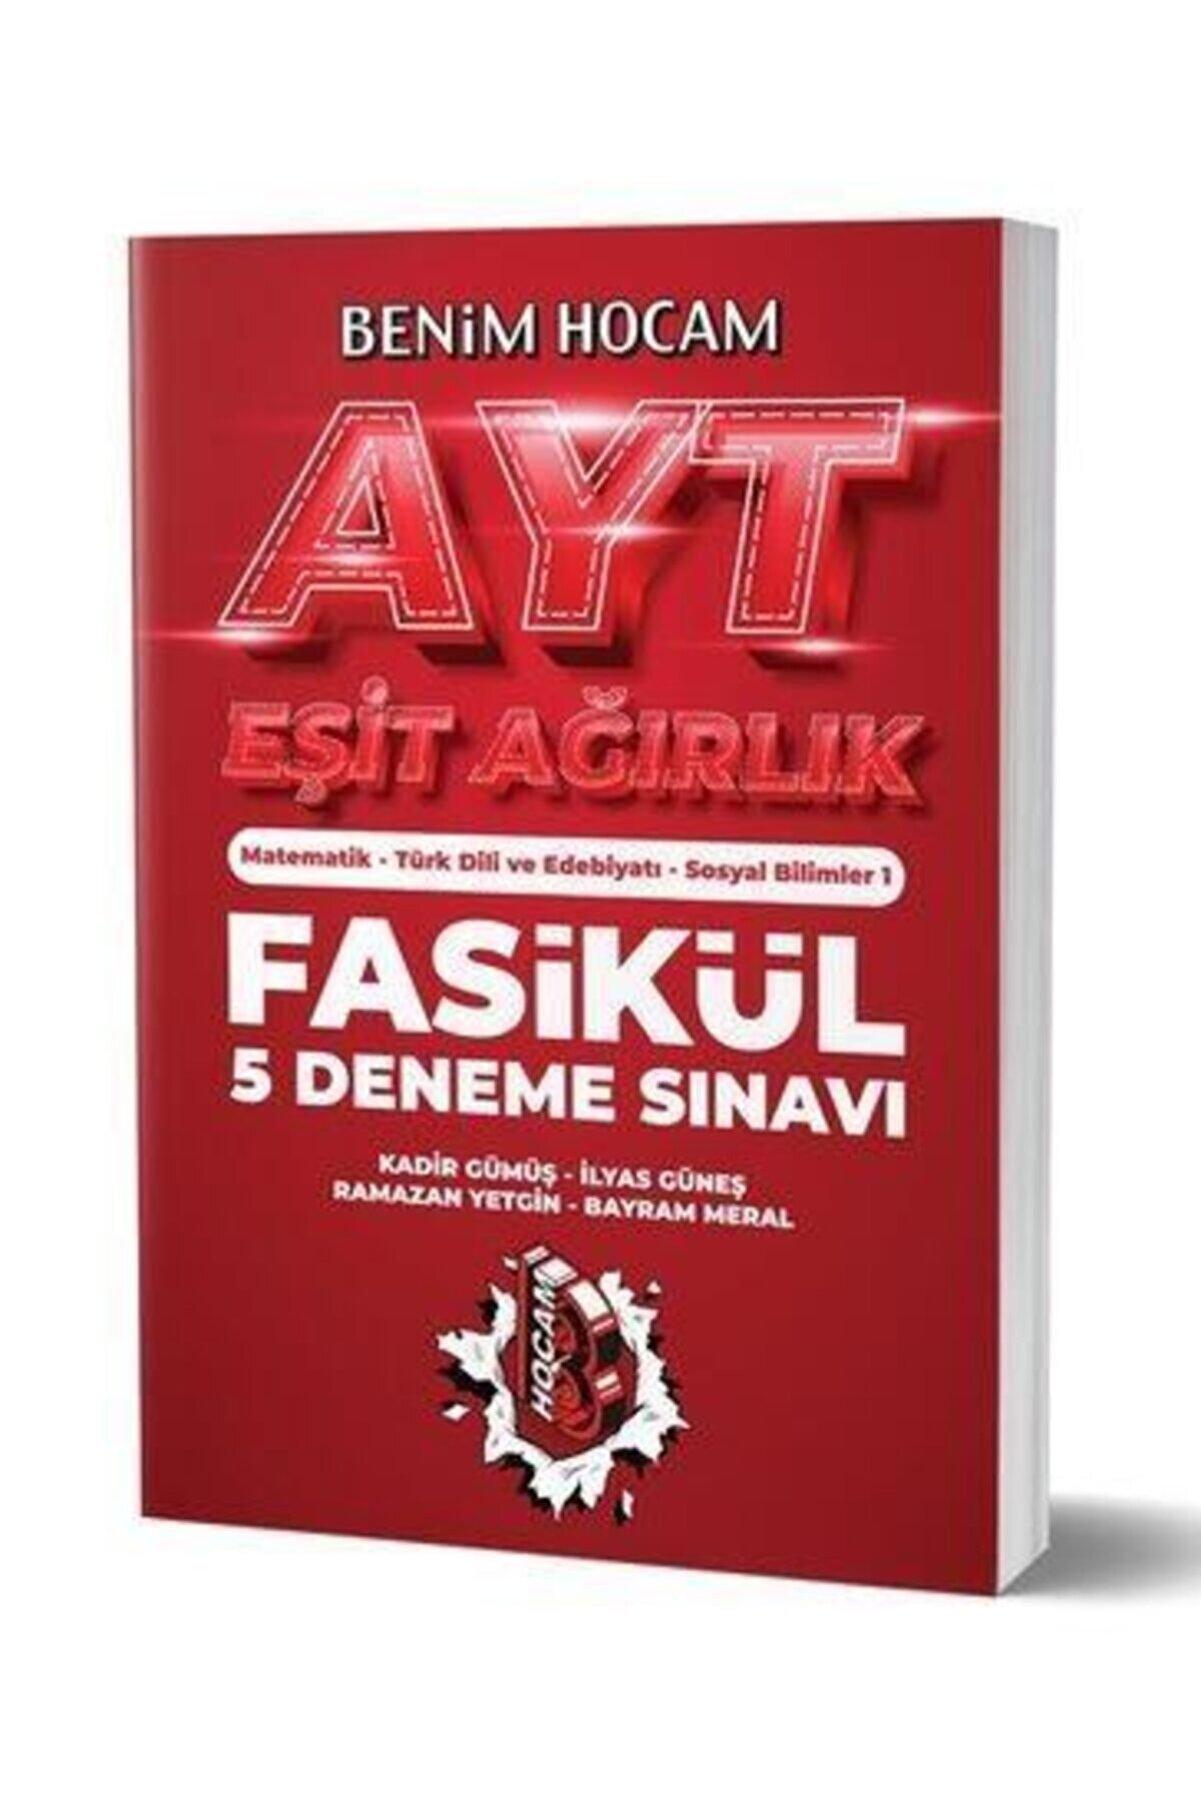 Benim Hocam Yayınları Ayt Eşit Ağırlık 5 Fasikül Deneme Sınavı